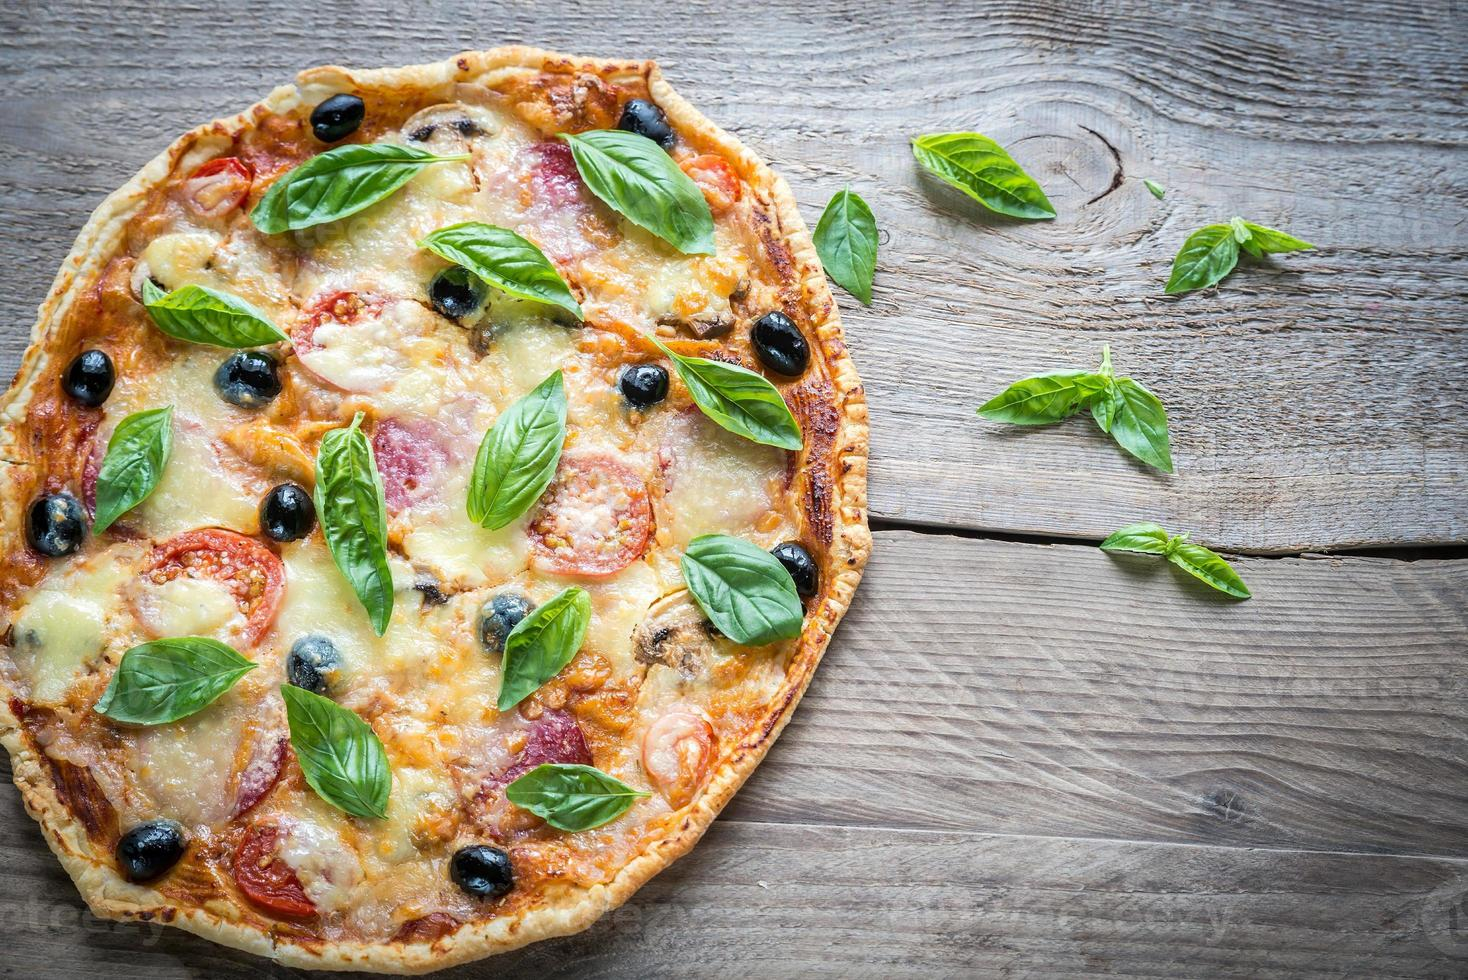 pizza op het houten bord foto